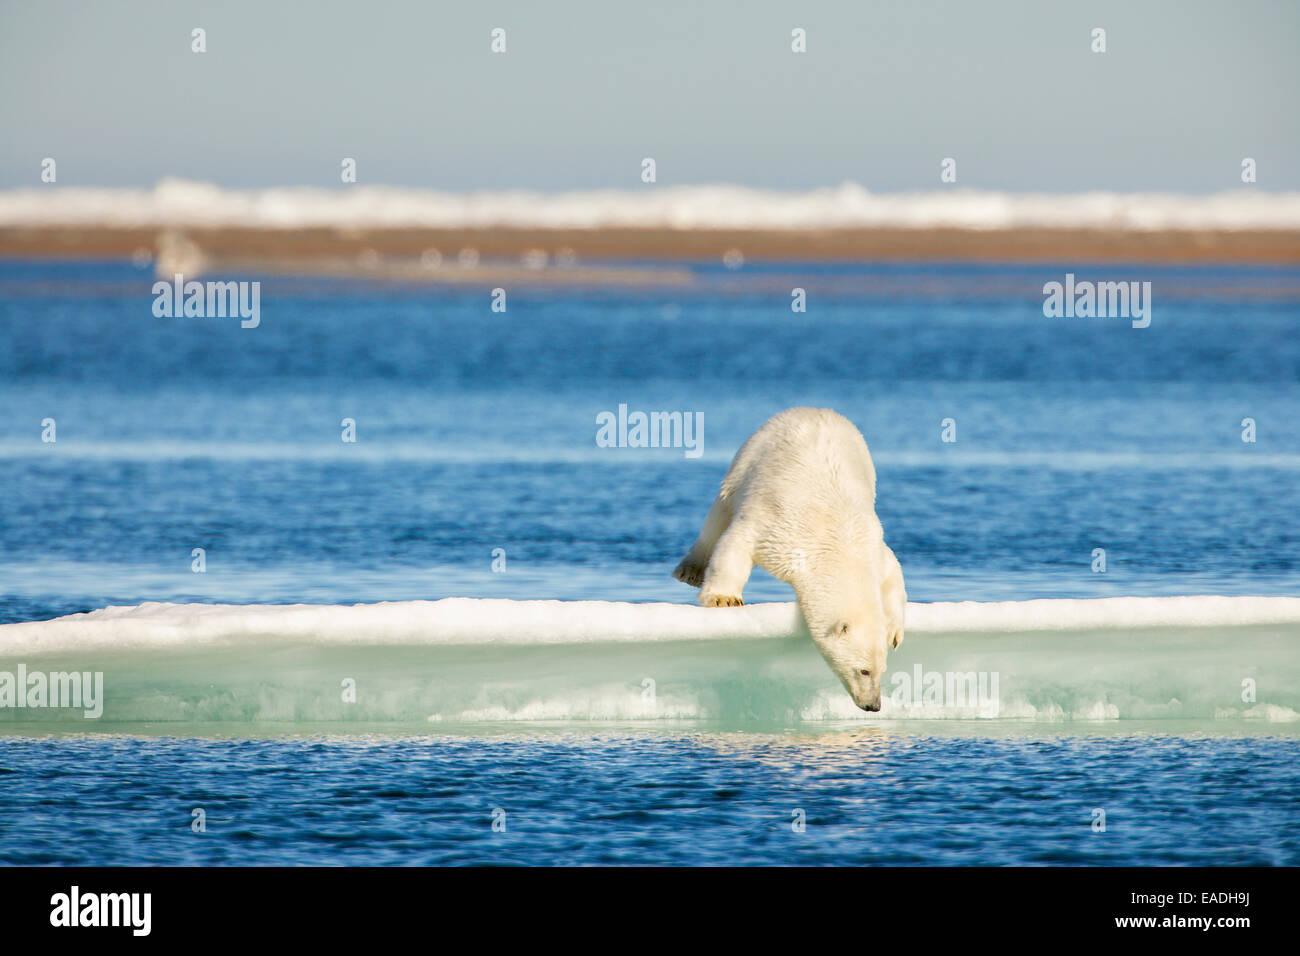 Eisbär auf einem Eisberg in der Beaufortsee, abseits der Küste von Barter Island, Kaktovik, Arktis Alaska Stockbild